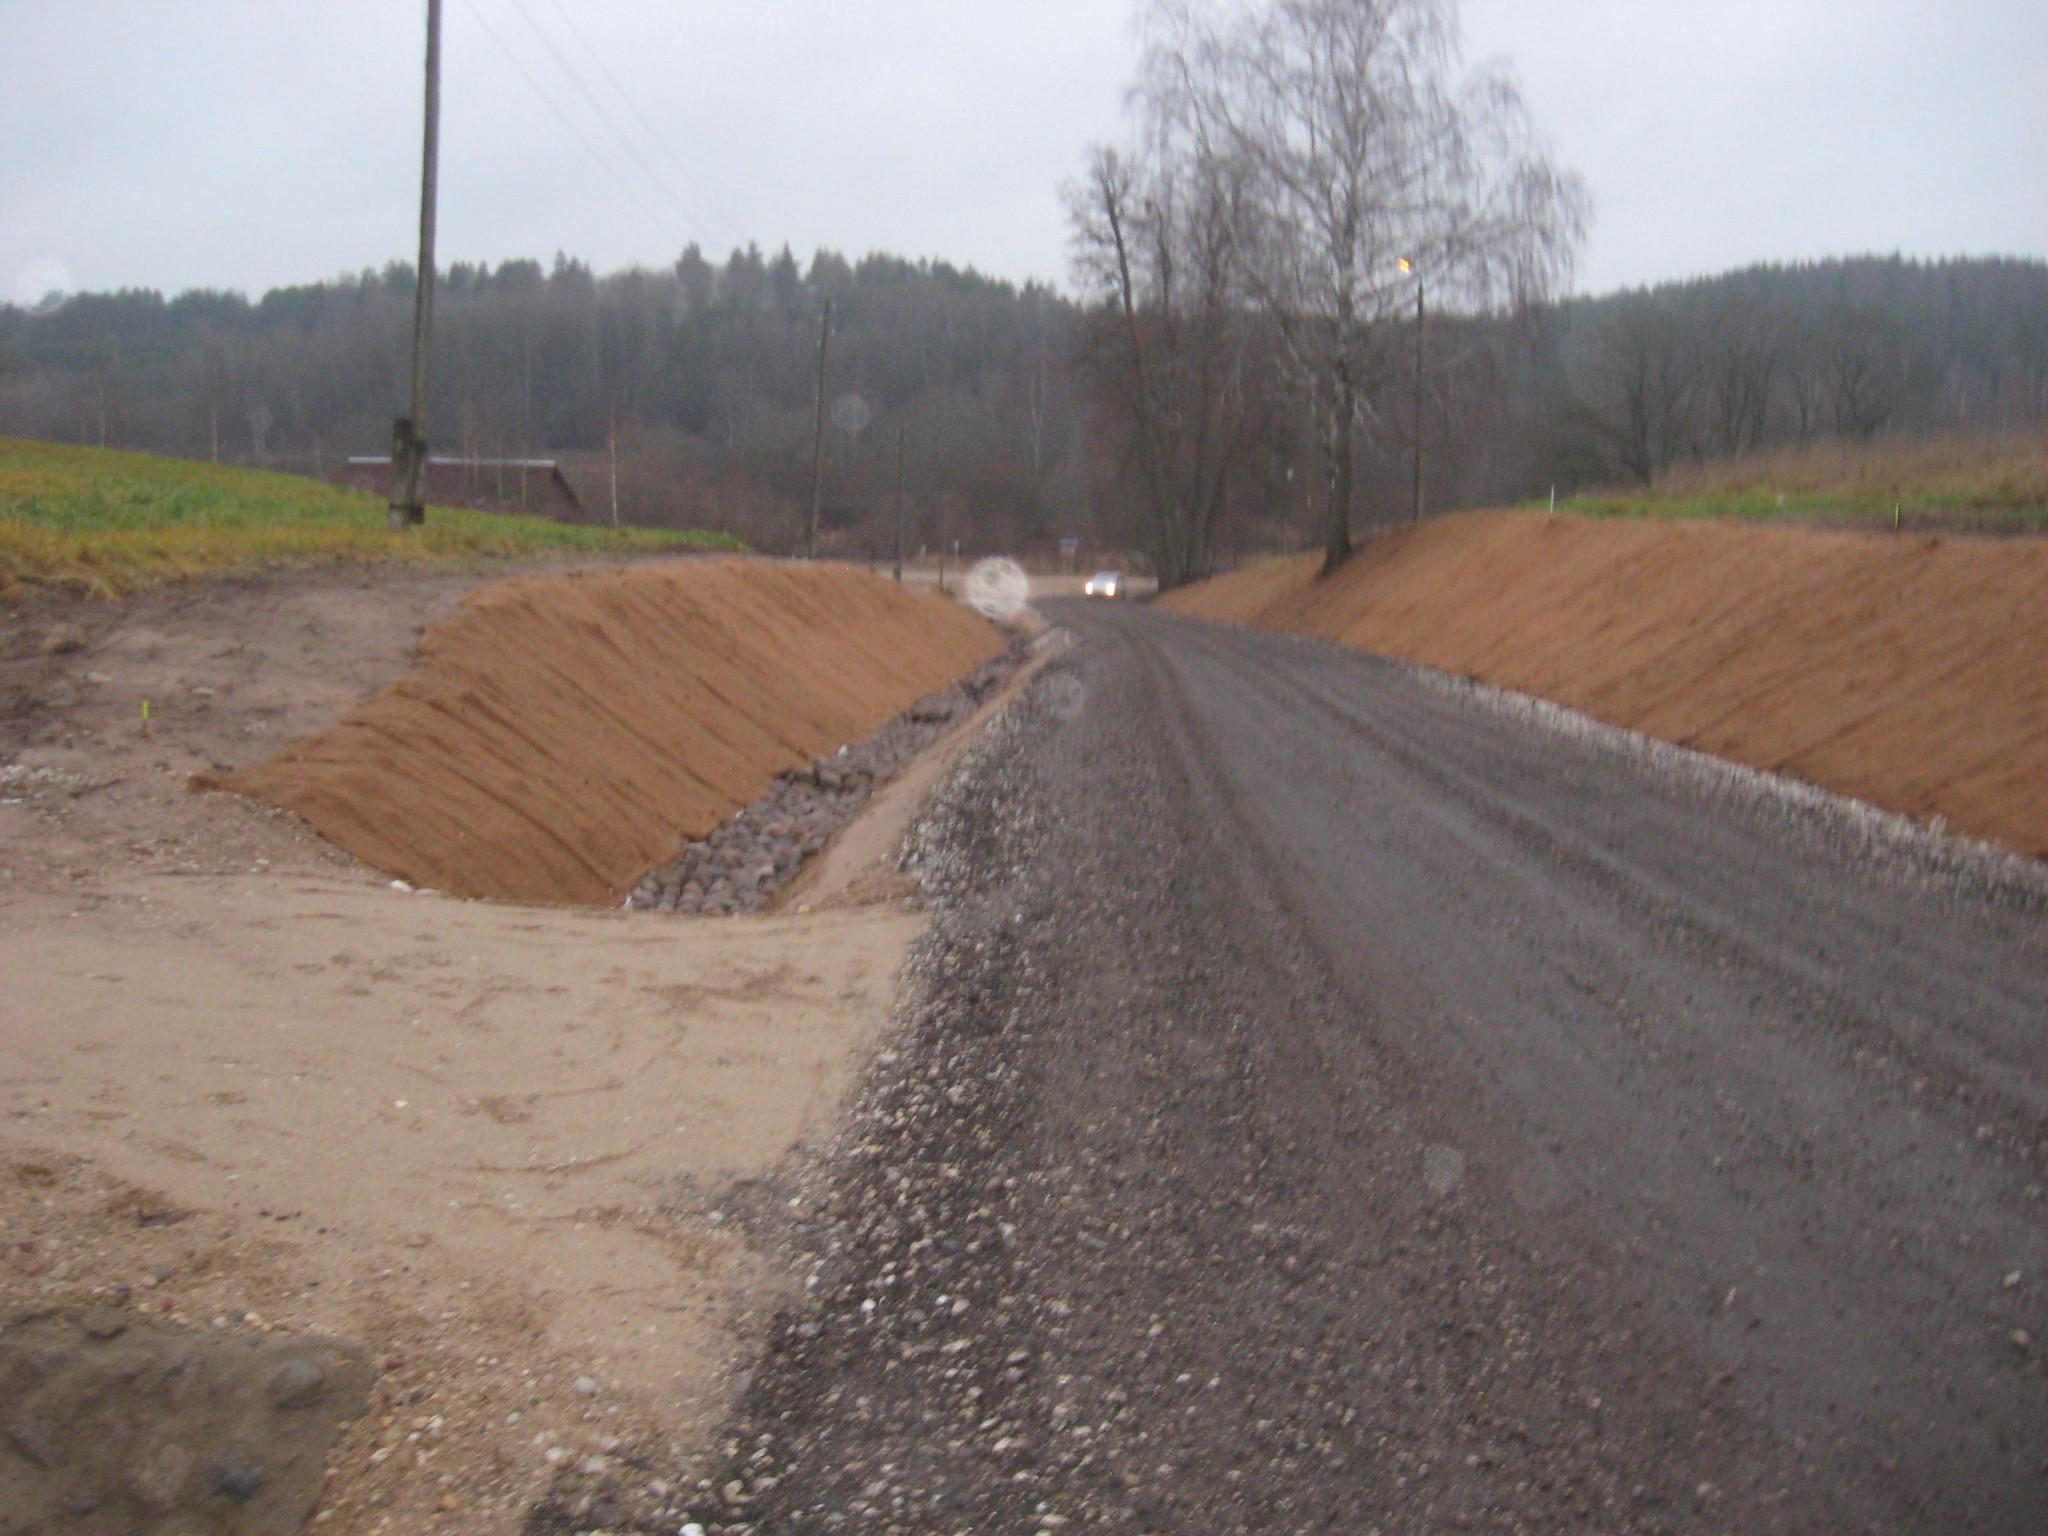 Himmaste-Taevaskoja teele (nr 6190045) lõigul 0,00-1,10 km mustkatte paigaldamise omanikujärelevalve teostamine